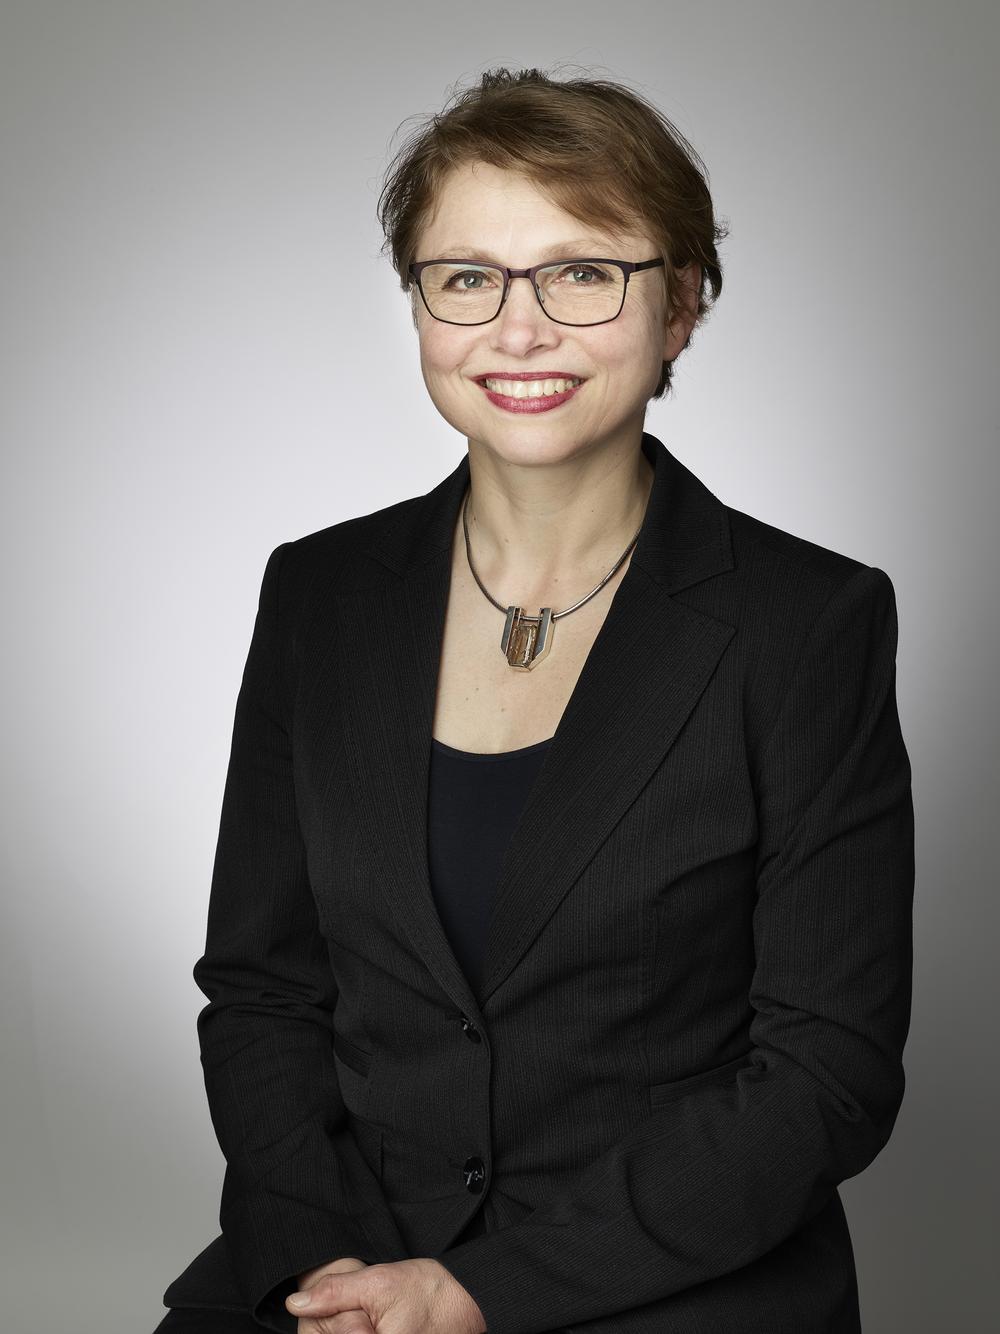 Elisabeth Maurer   CTO & Founder